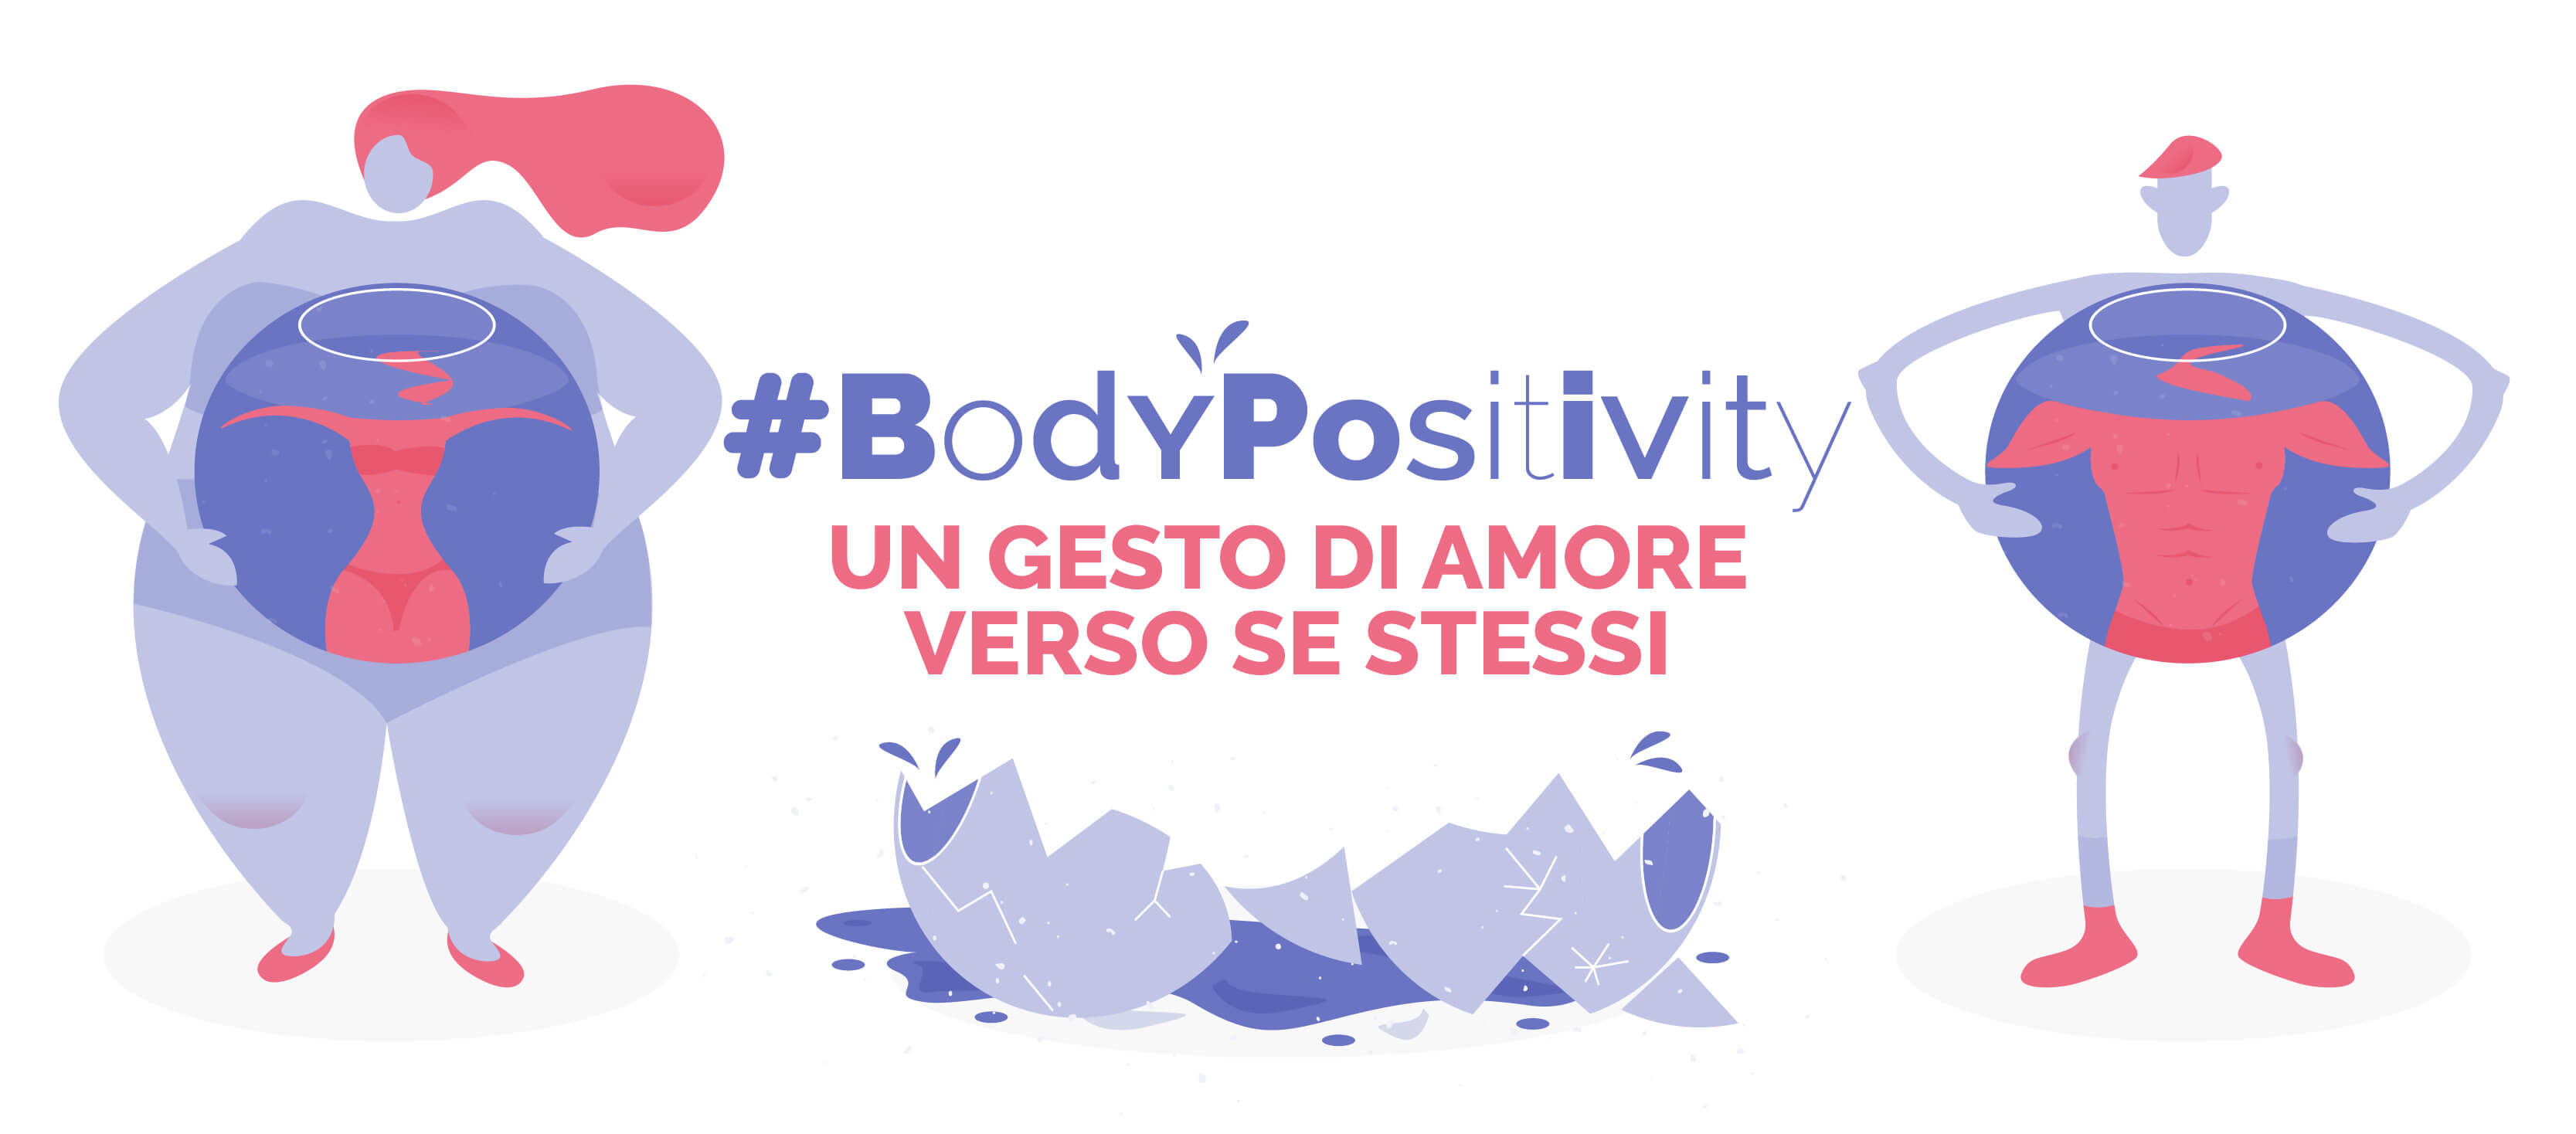 Articolo__BodyPositivity_img-1